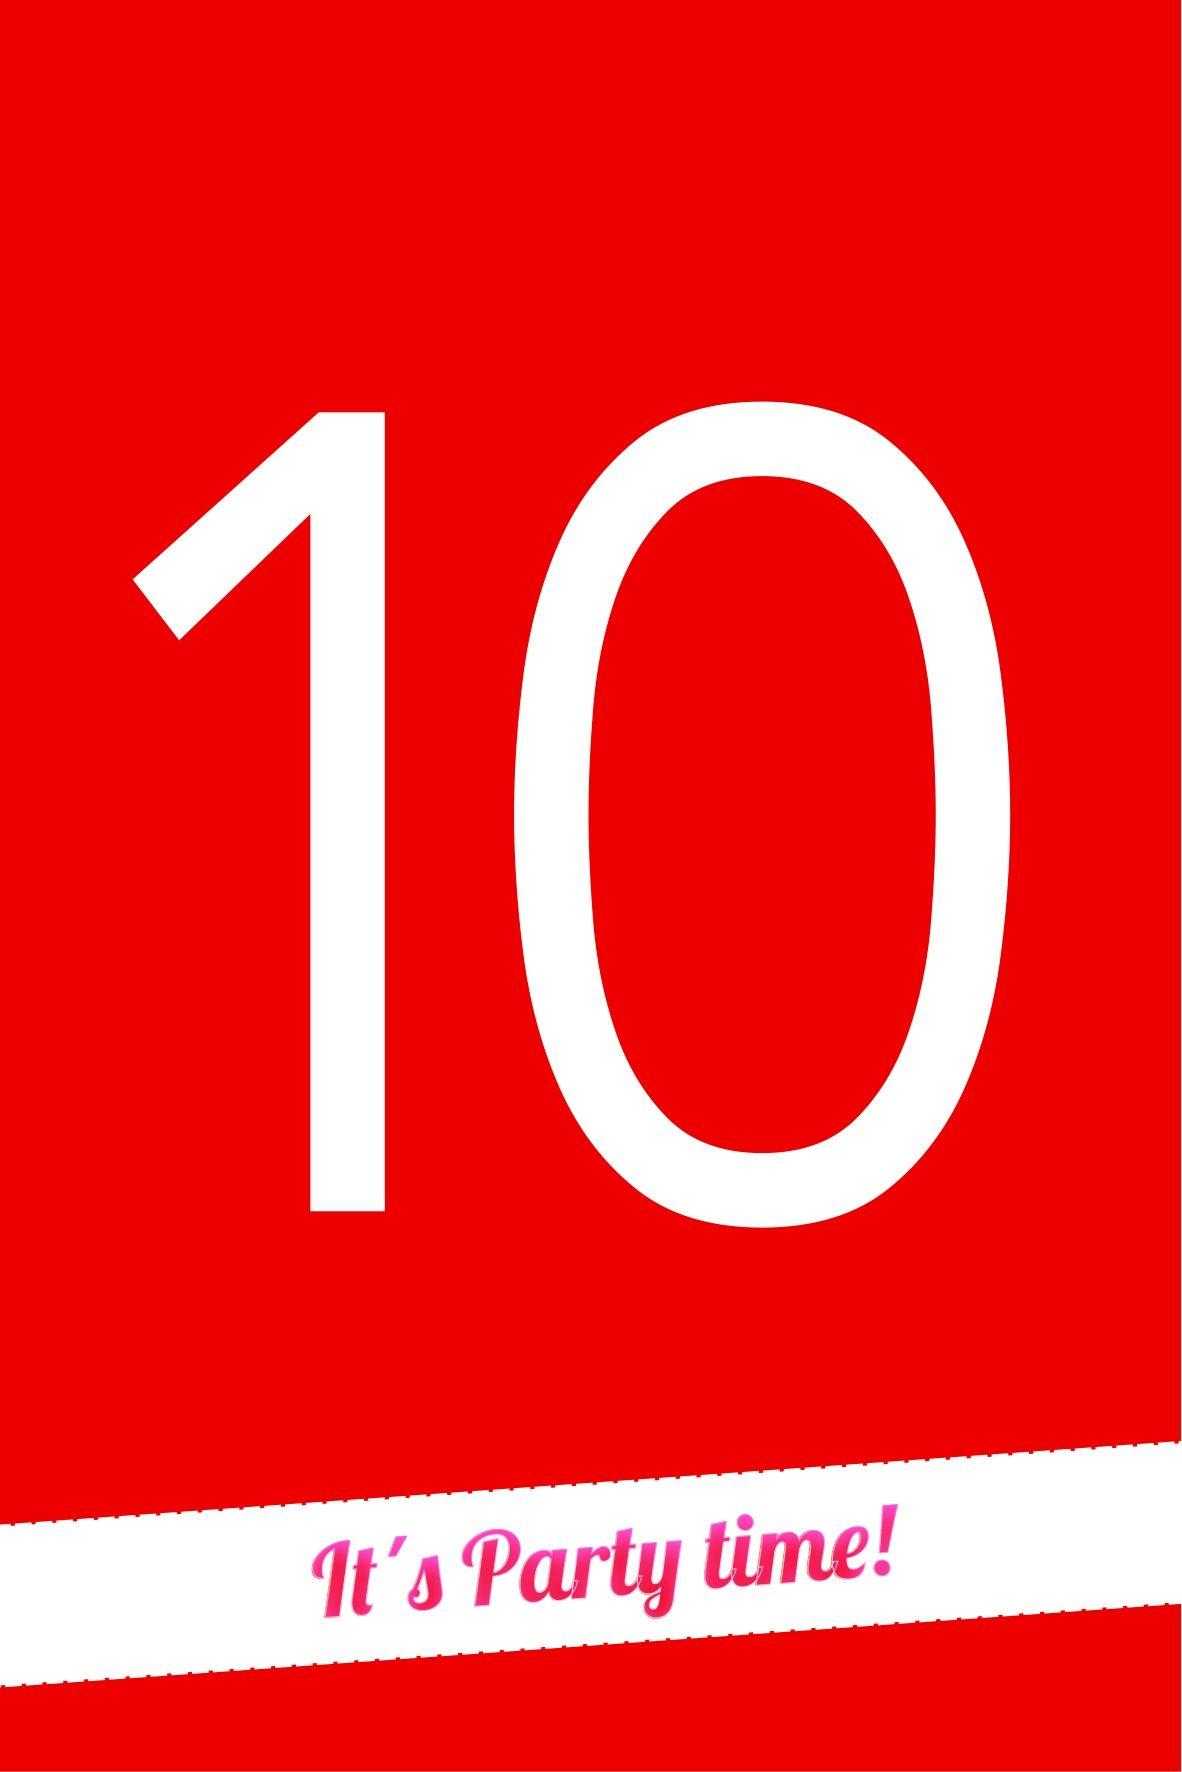 Einladung 10 Geburtstag Blau | Geburtstag Für Große Jungs | Pinterest |  Einladungen, Geburtstage Und Blau